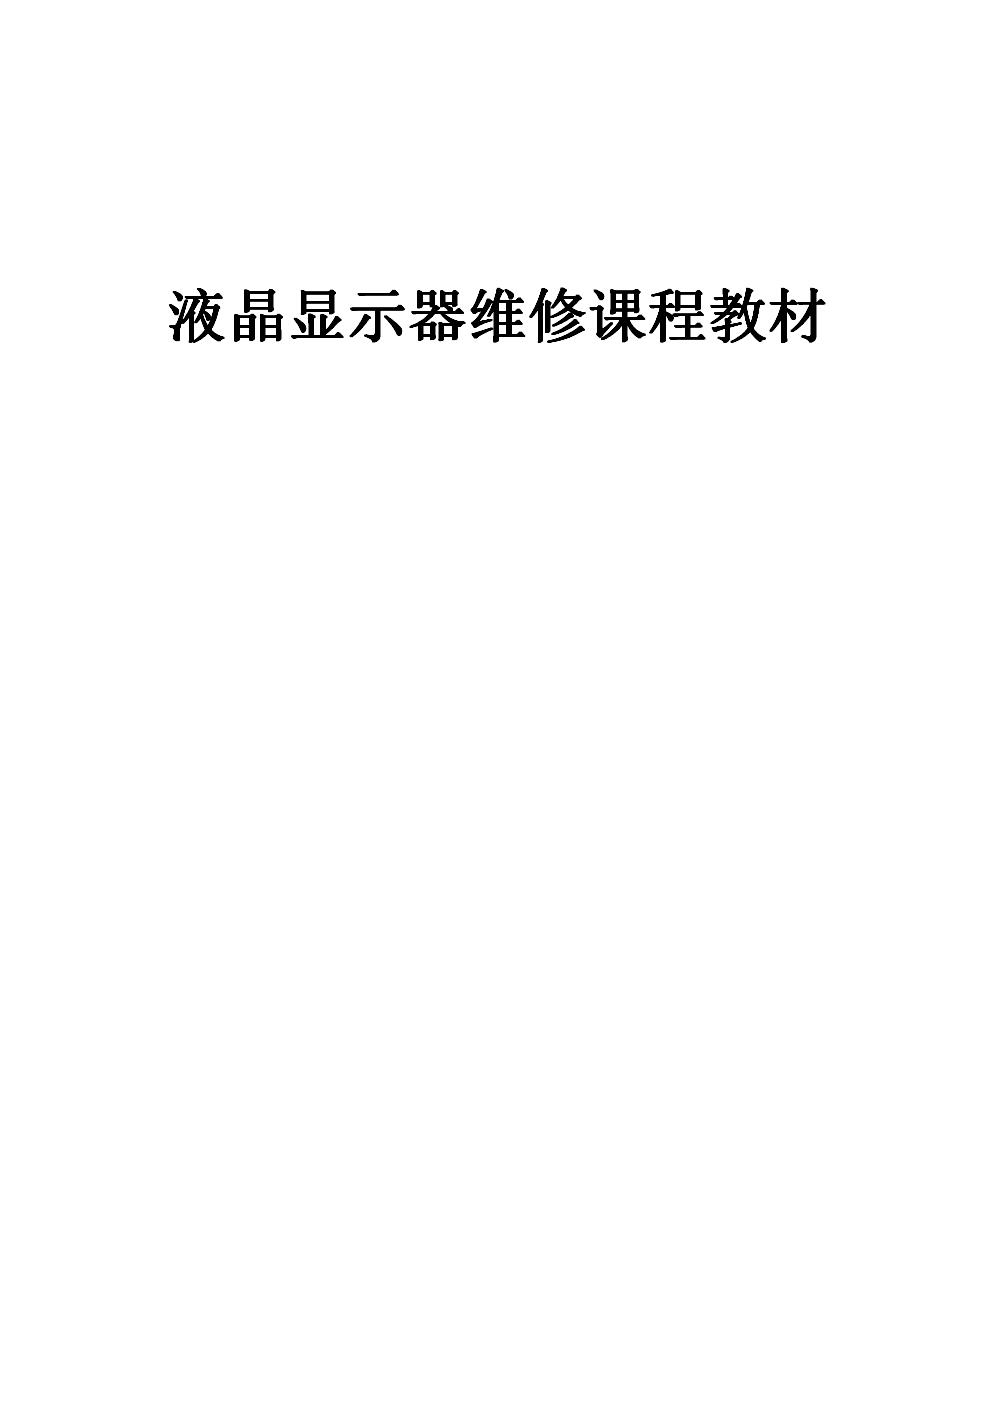 液晶显示器维修教材.doc